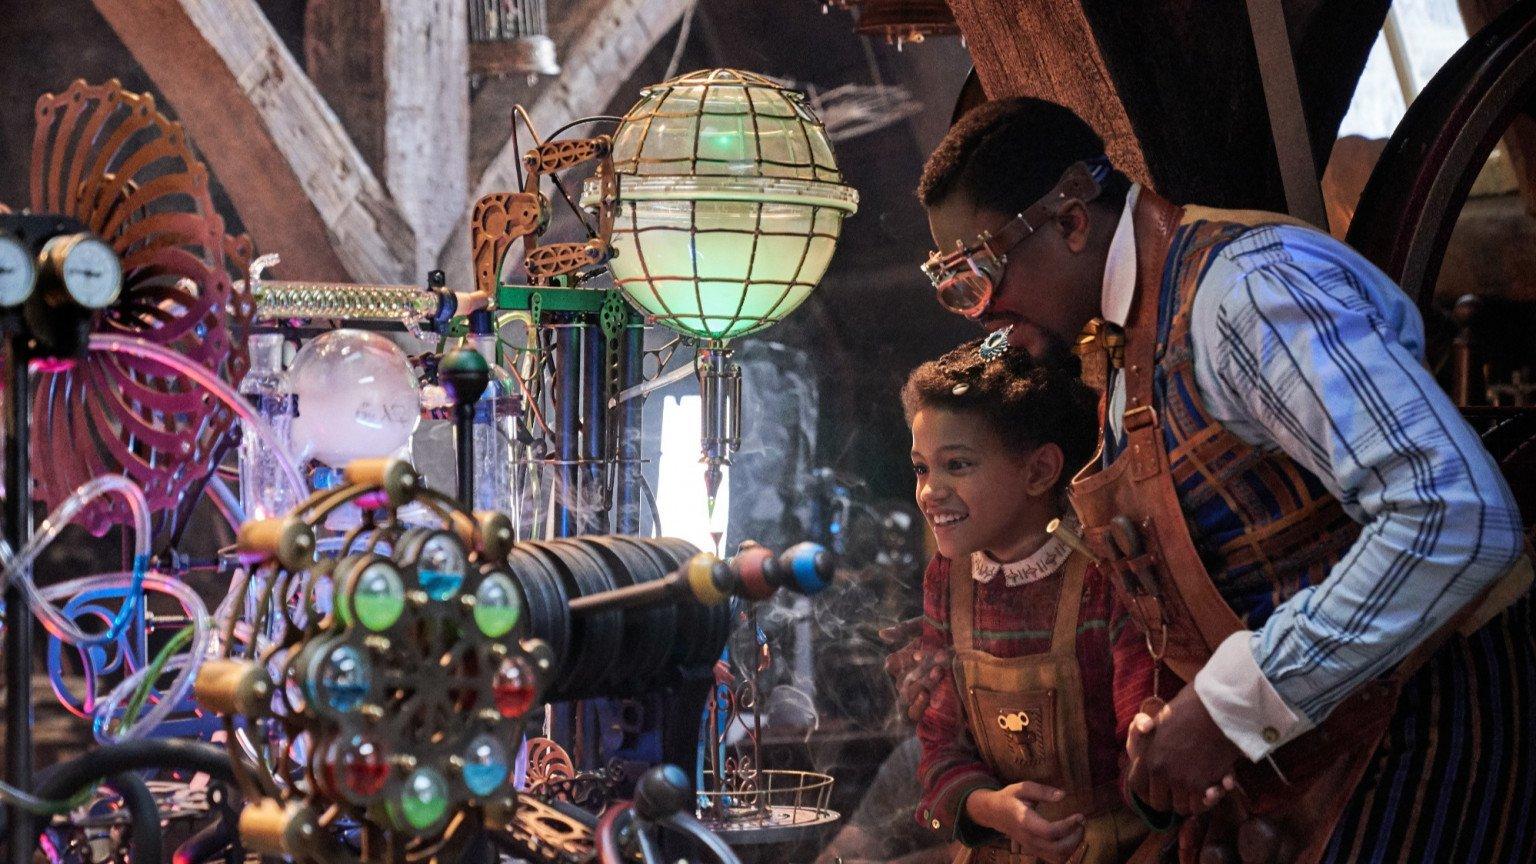 Eerste trailer van Netflix-film 'Jingle Jangle: A Christmas Journey' nu te  zien - FilmVandaag.nl